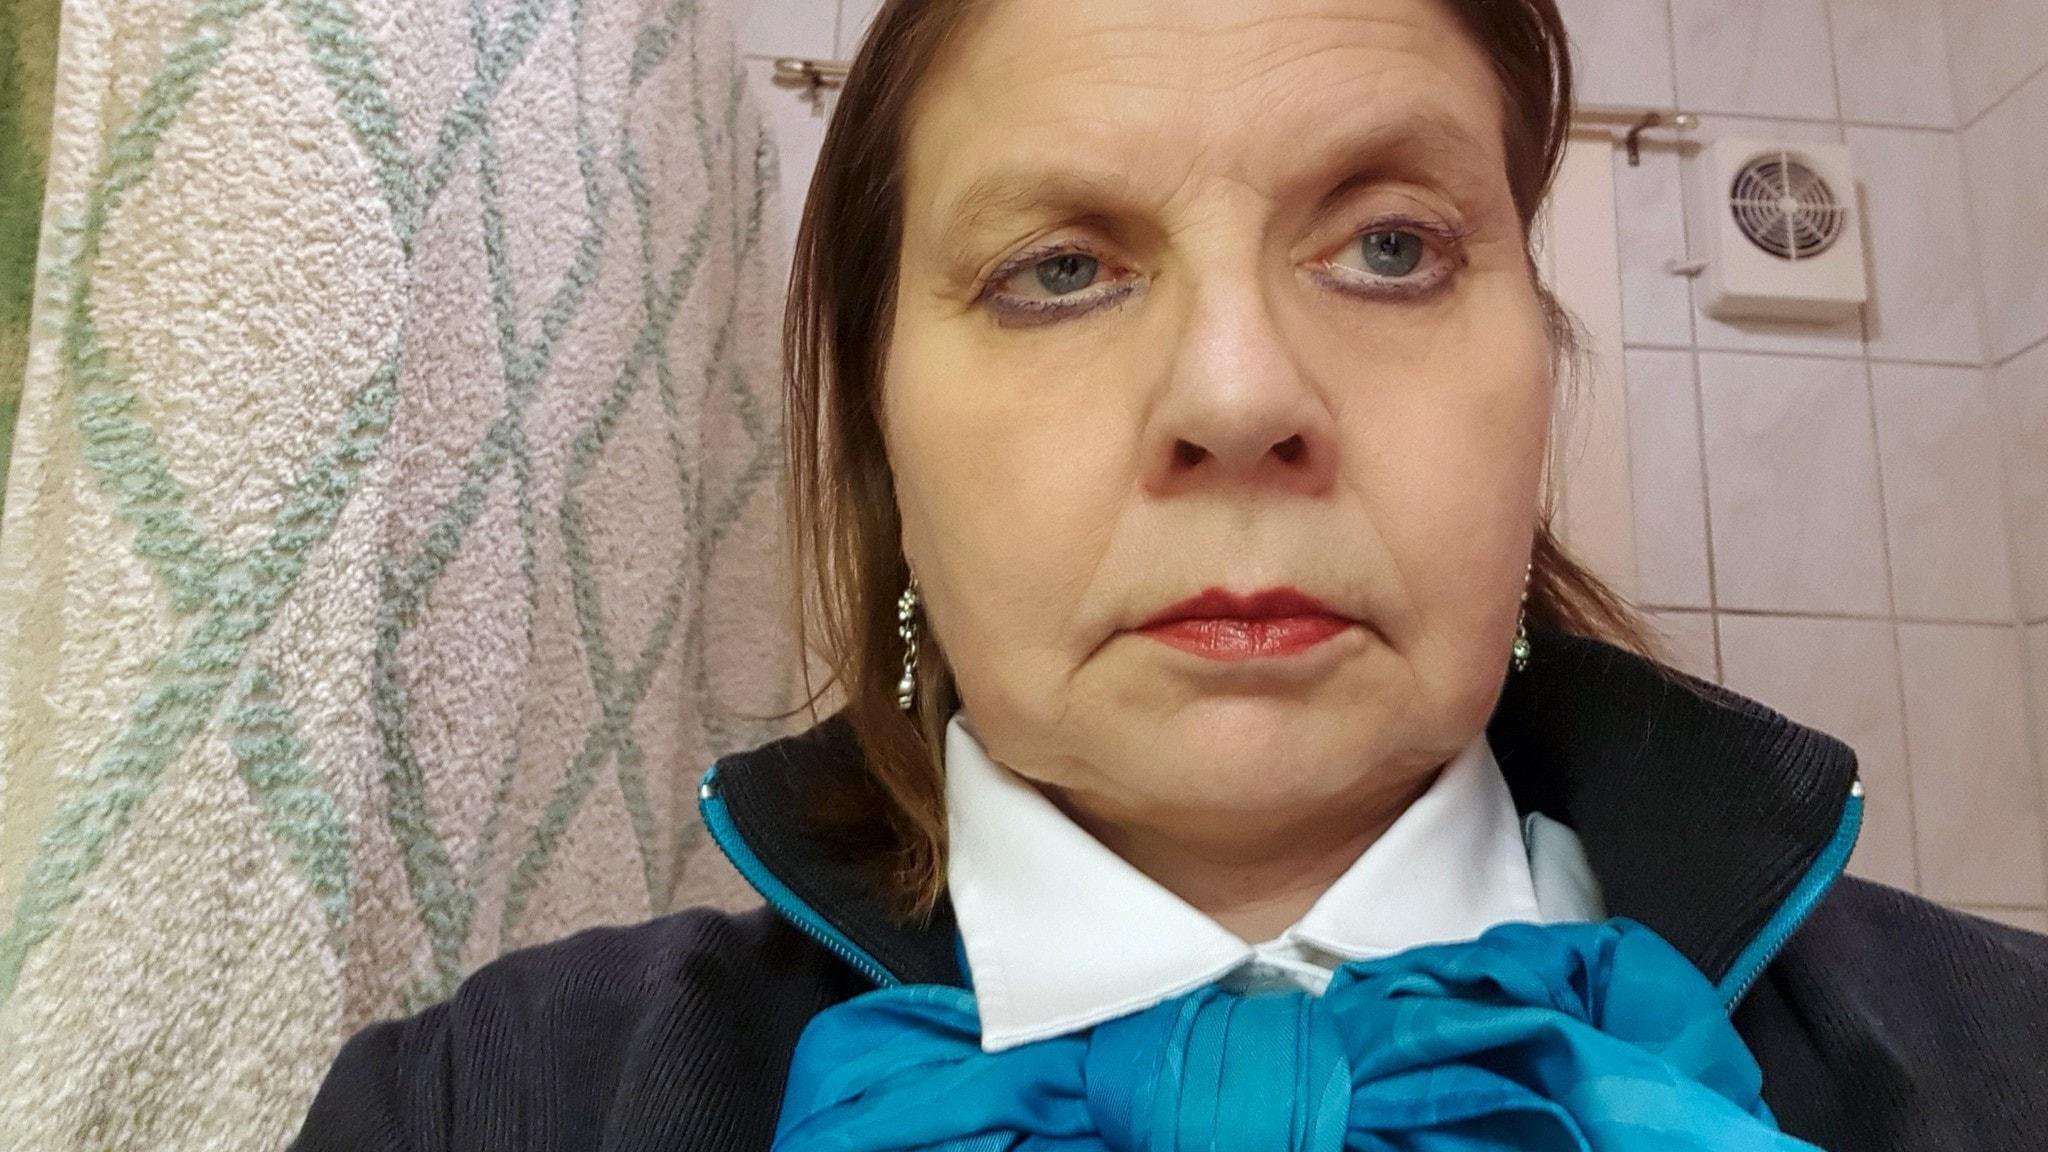 Del 4. Vanligt Folk: Min ponny hette Sir Bus. Suzanne Nystedt – Tågklarerare P1 Sveriges Radio